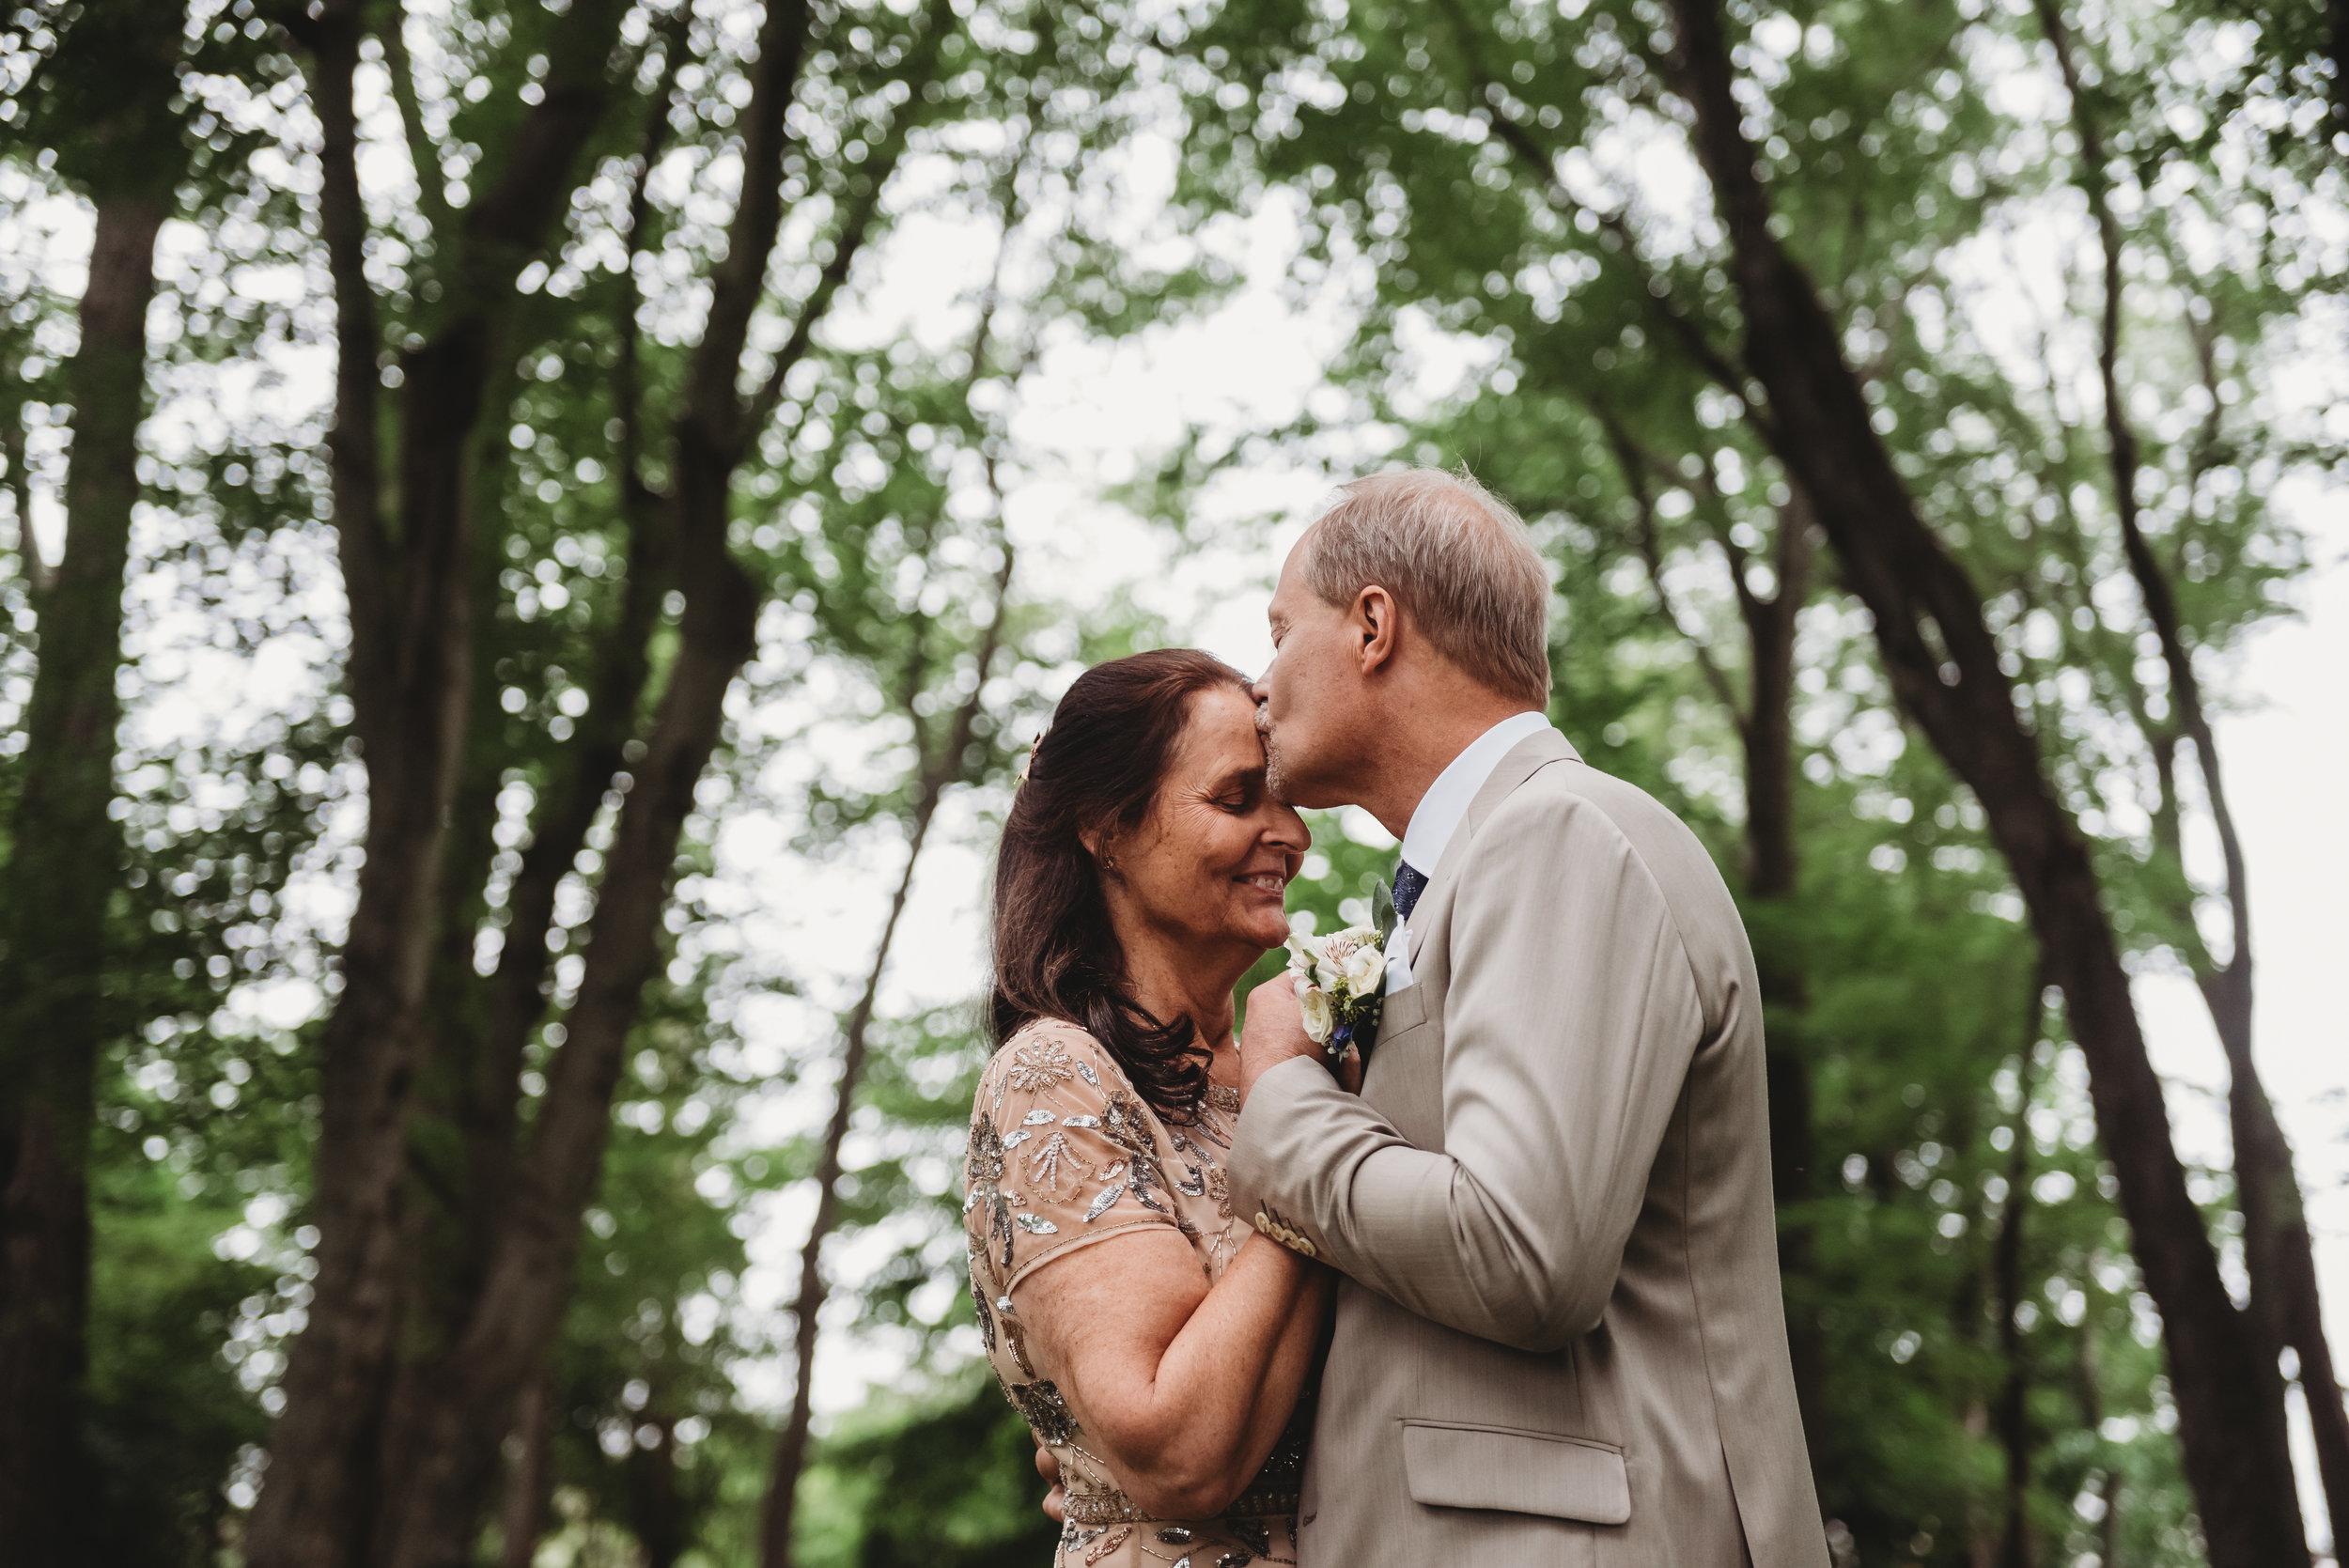 Gumlaw_Wedding_Portraits-168.jpg